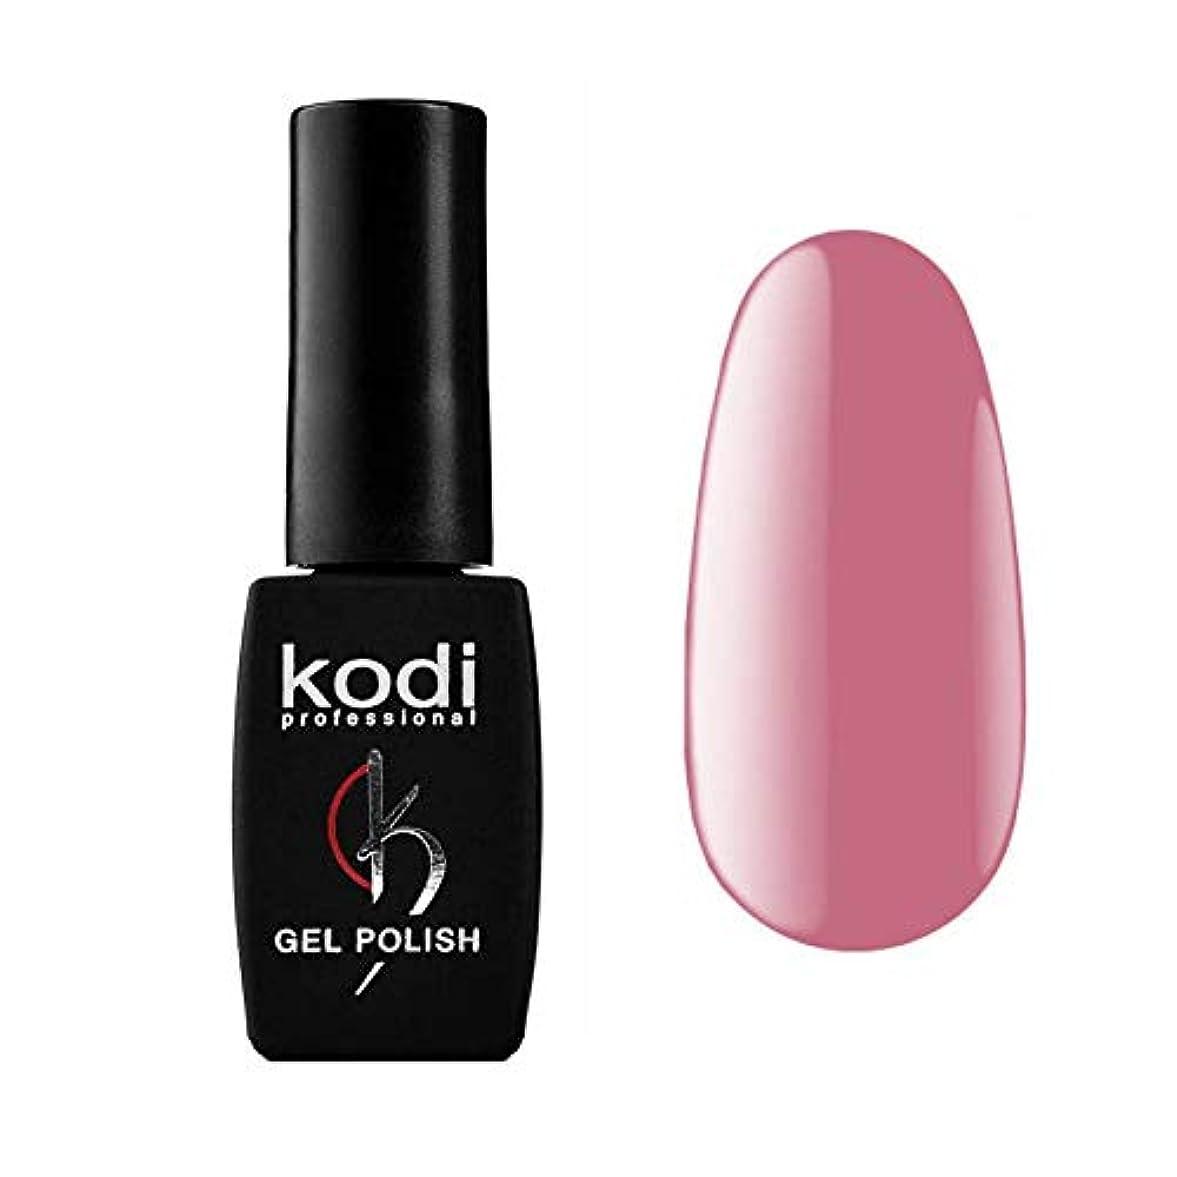 抑制するバイバイ課税Kodi Professional New Collection P PINK #30 Color Gel Nail Polish 12ml 0.42 Fl Oz LED UV Genuine Soak Off